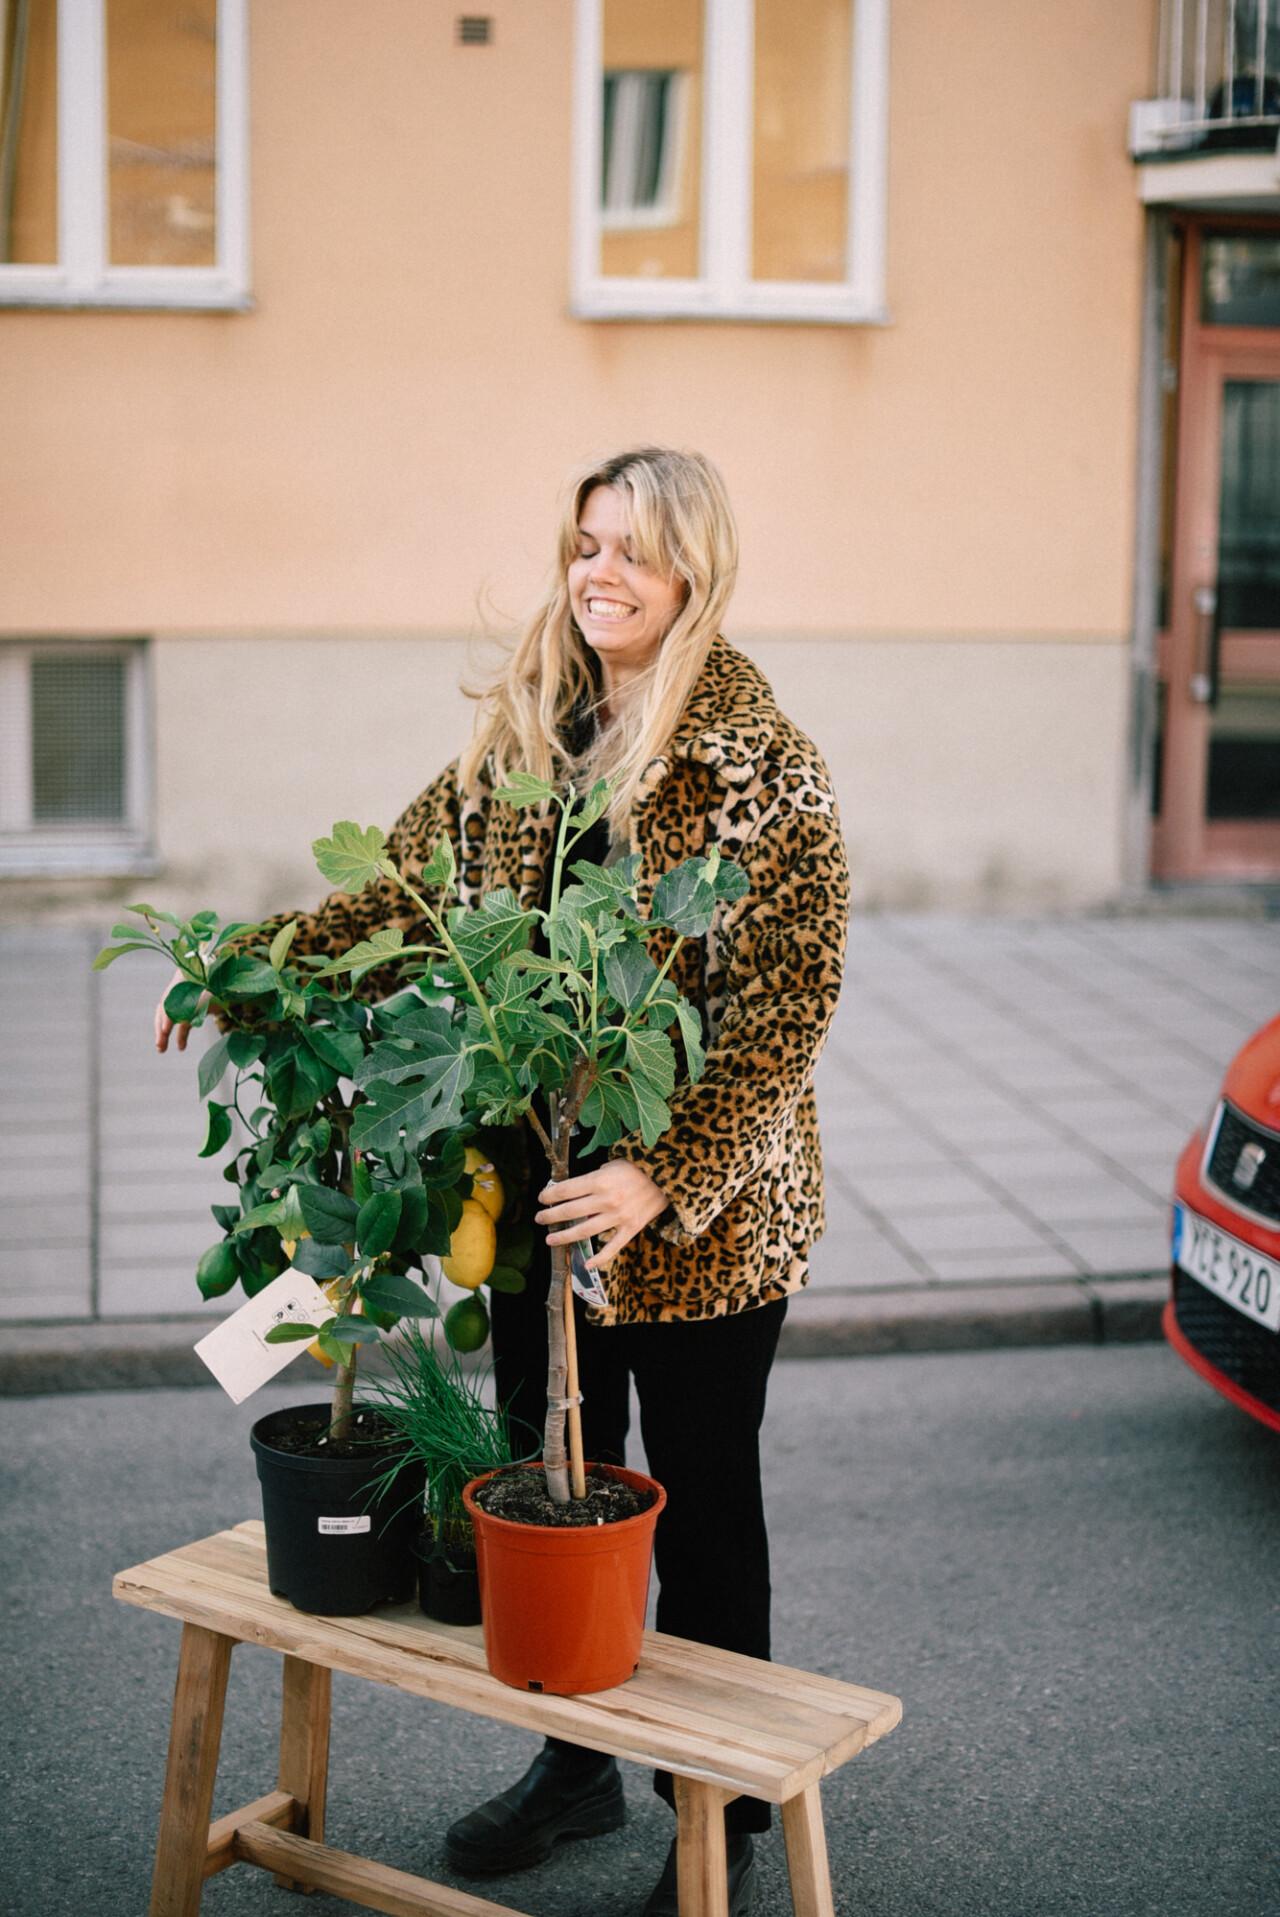 Min tisdag från morgon till kväll –köpa växter och kalla killar för män